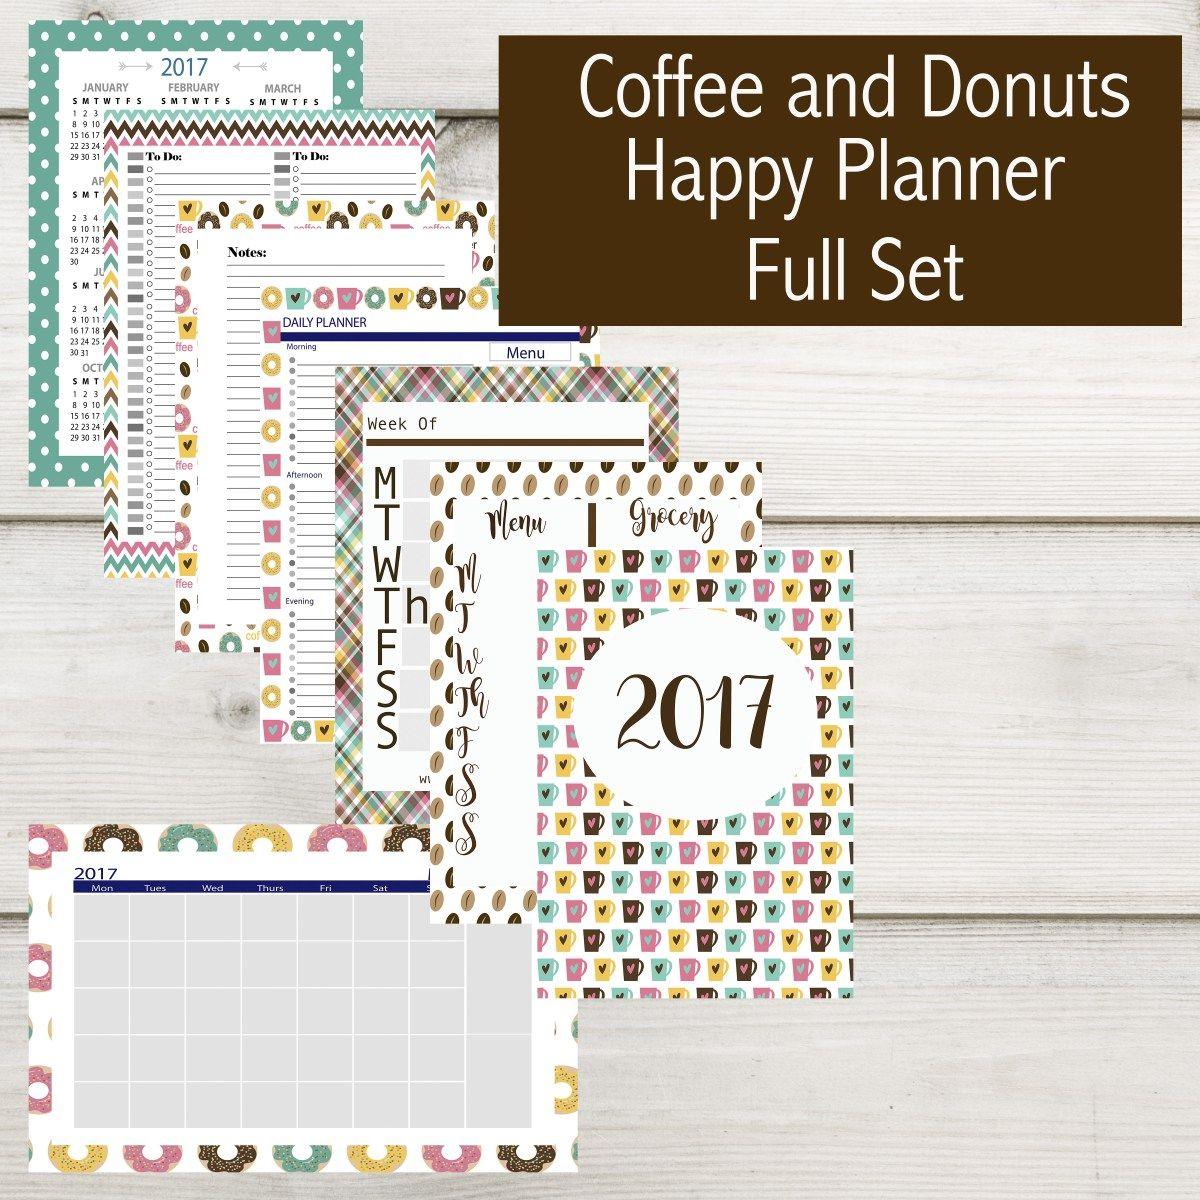 Happy Planner Full Set 4